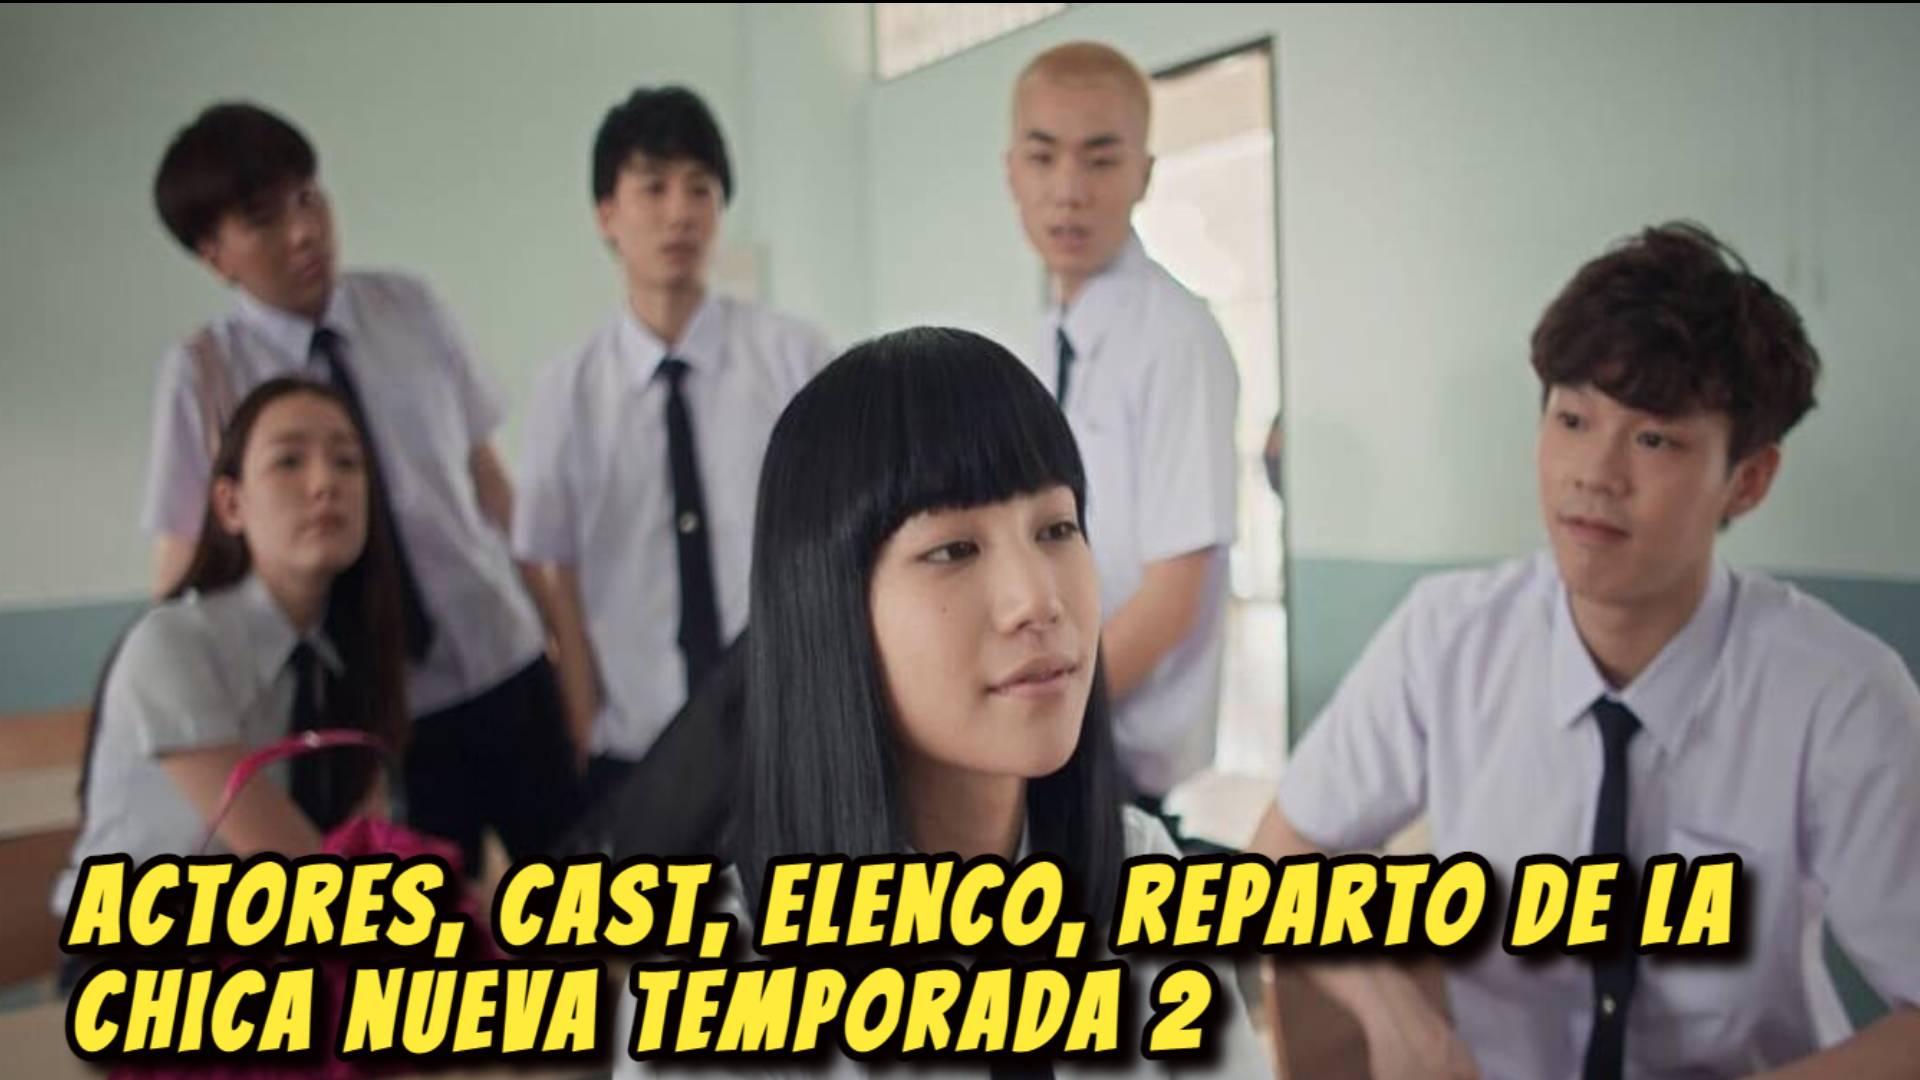 ACTORES, CAST, ELENCO, Reparto de La chica nueva Temporada 2